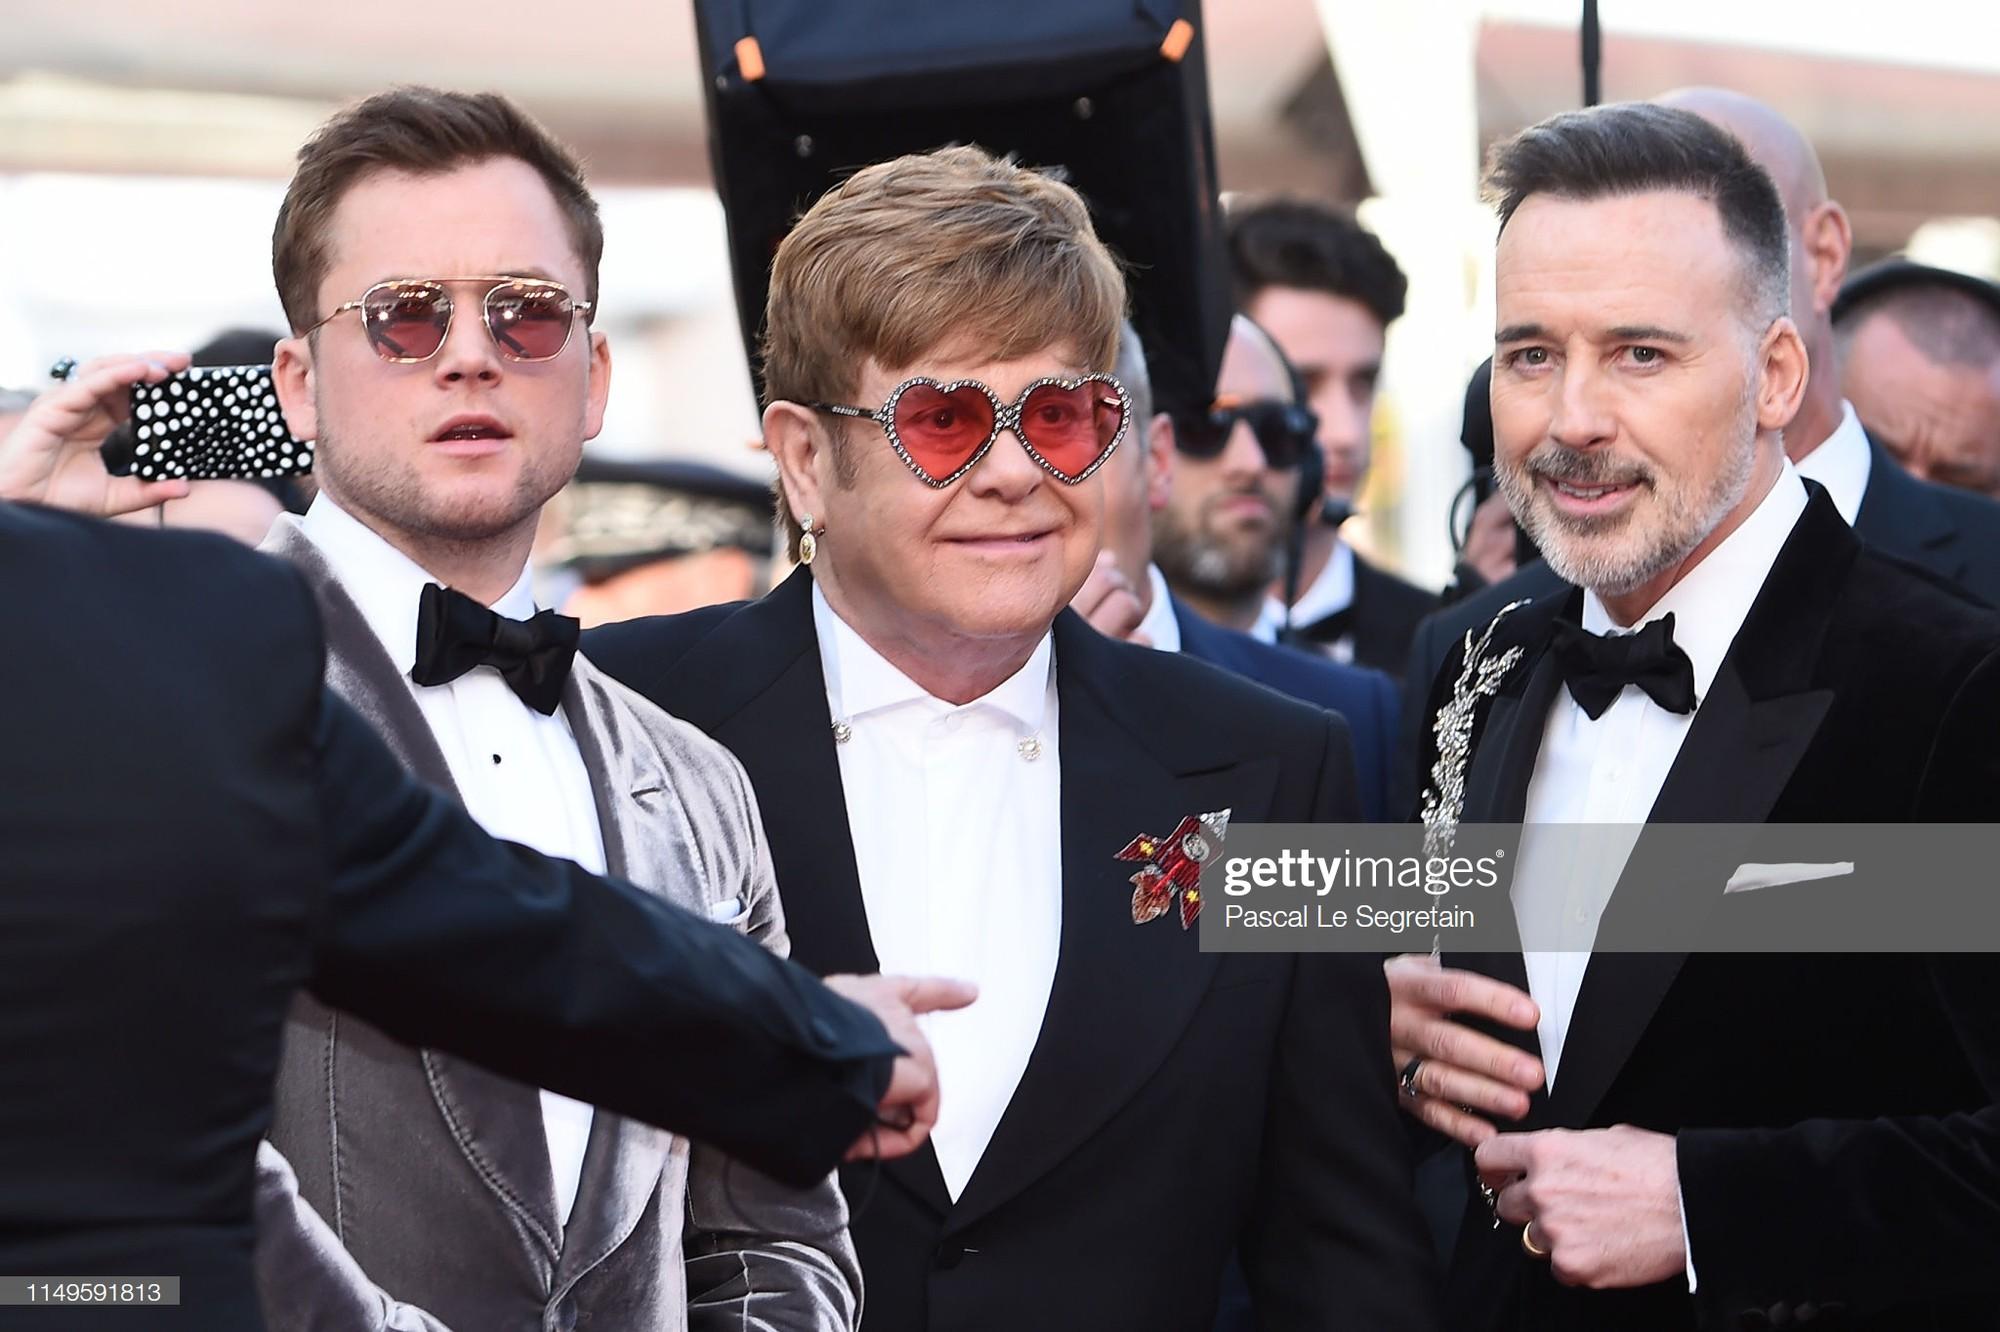 Thảm đỏ Cannes ngày 3: HLV The Face Thái Lan bất ngờ vùng lên chặt chém Bella Hadid cùng dàn mỹ nhân váy xẻ - Ảnh 33.